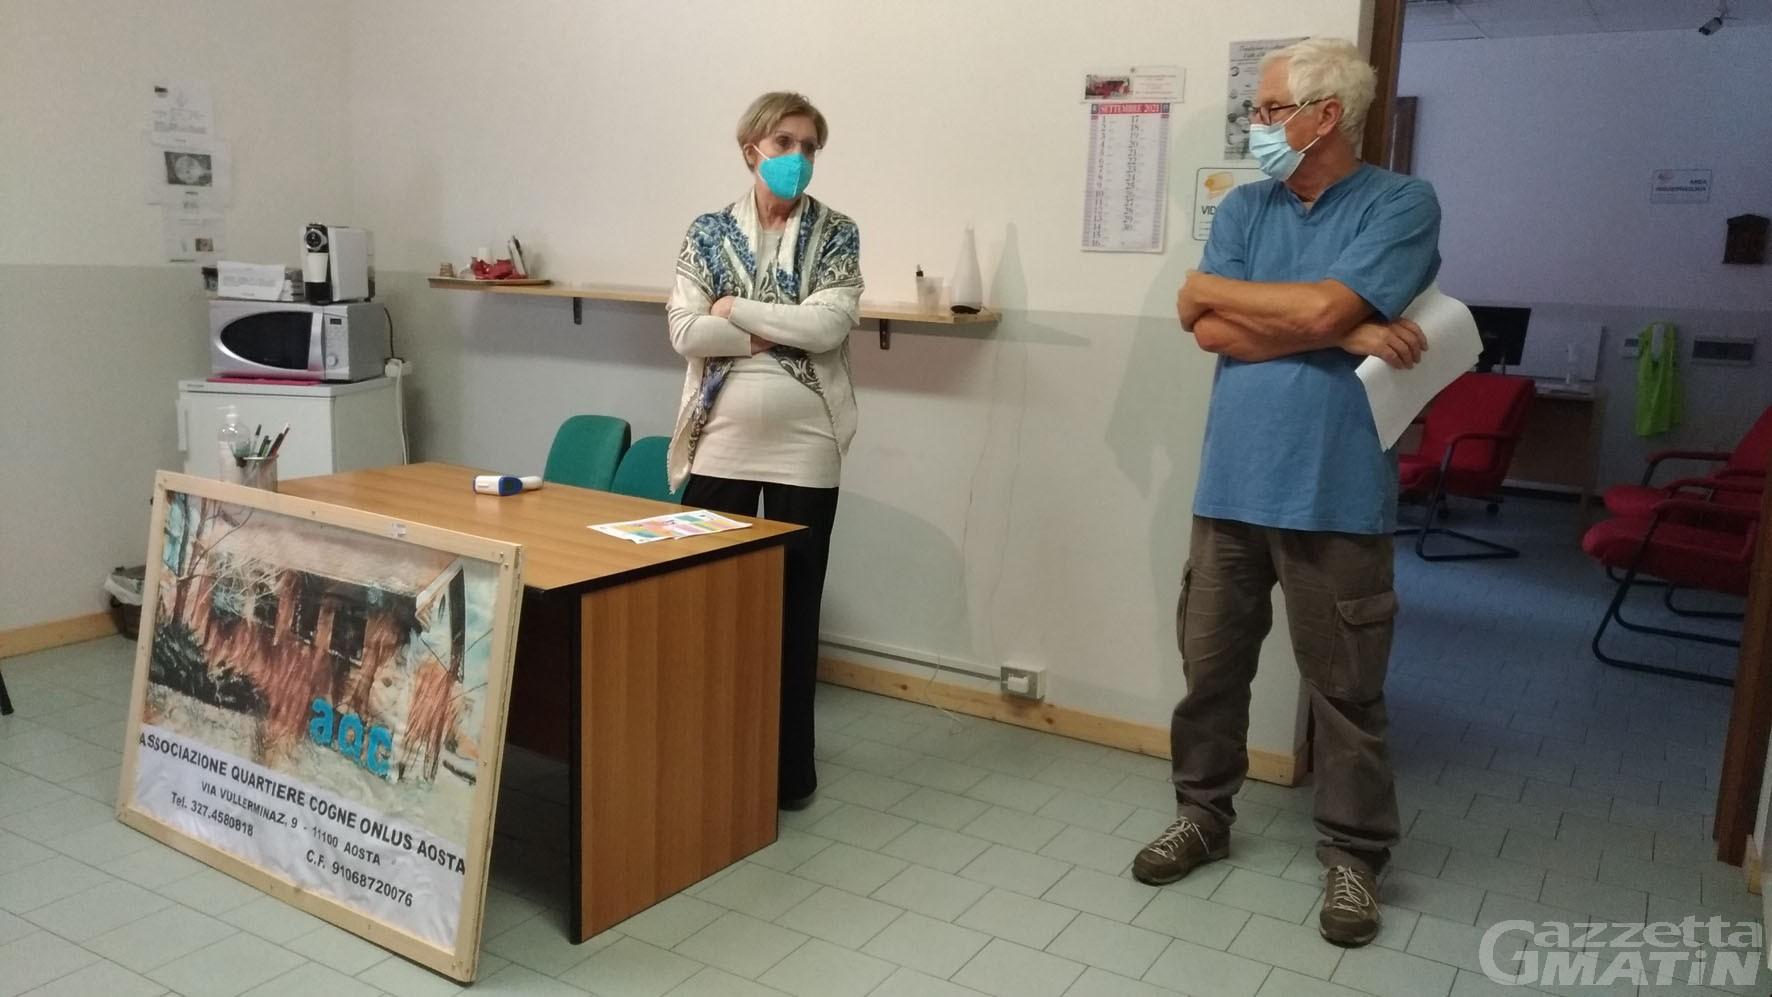 Aosta: un corso al quartiere Cogne per l'utilizzo di computer, tablet  e smartphone